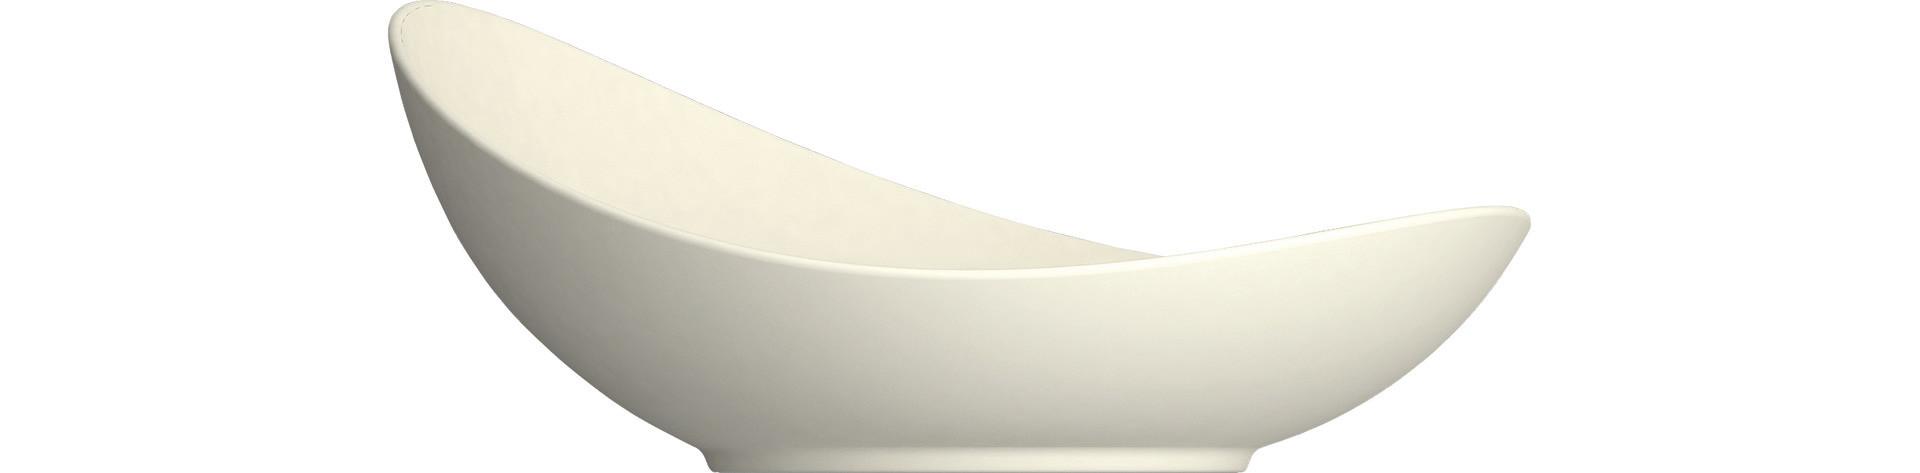 Purity, Schale asymmetrisch 250 x 236 mm / 0,90 l